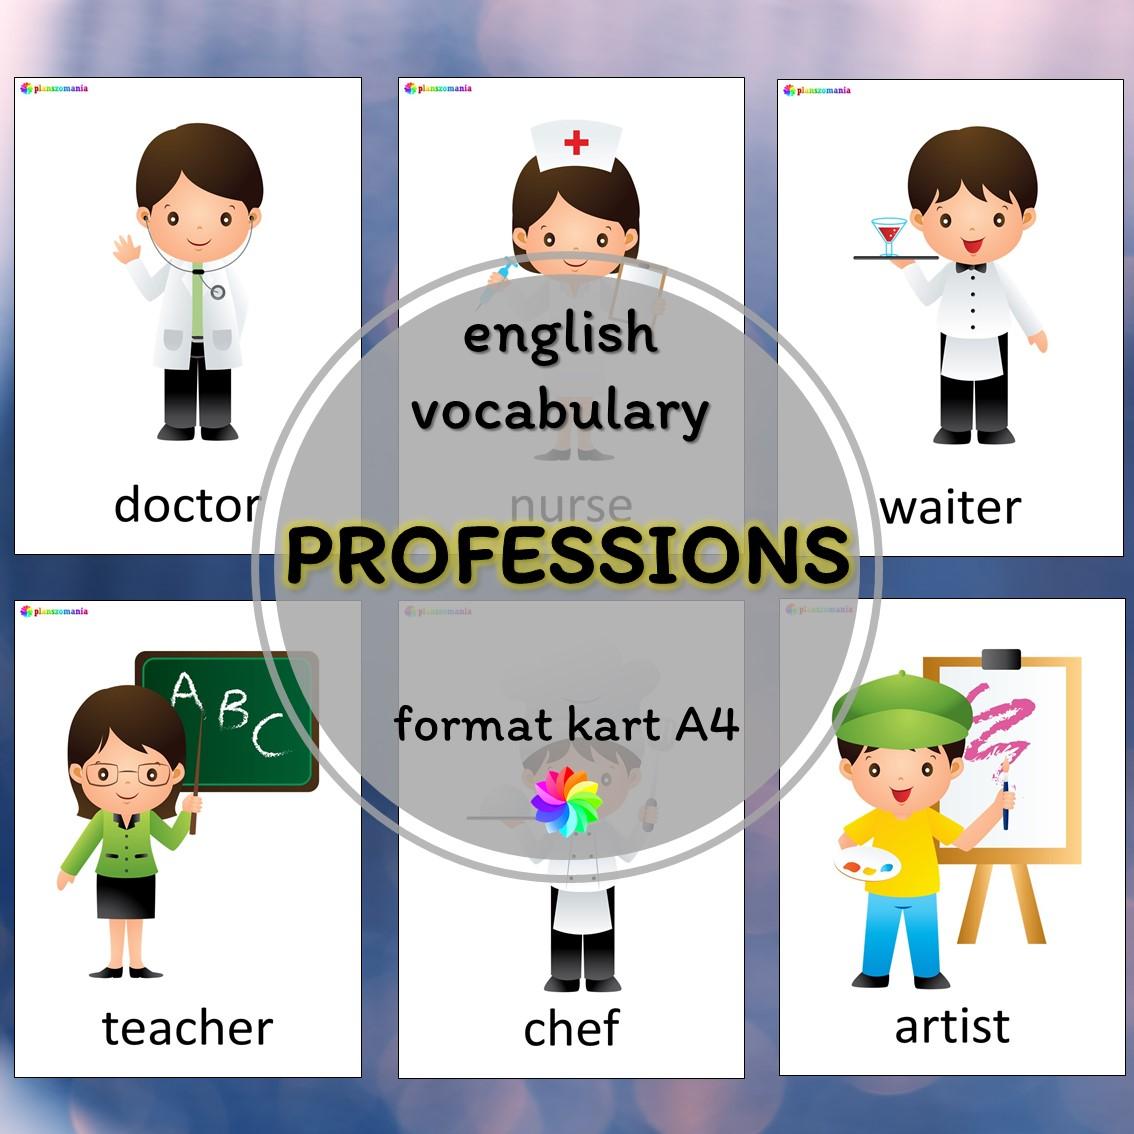 professions materiały język angielski pdf do druku plansze A4